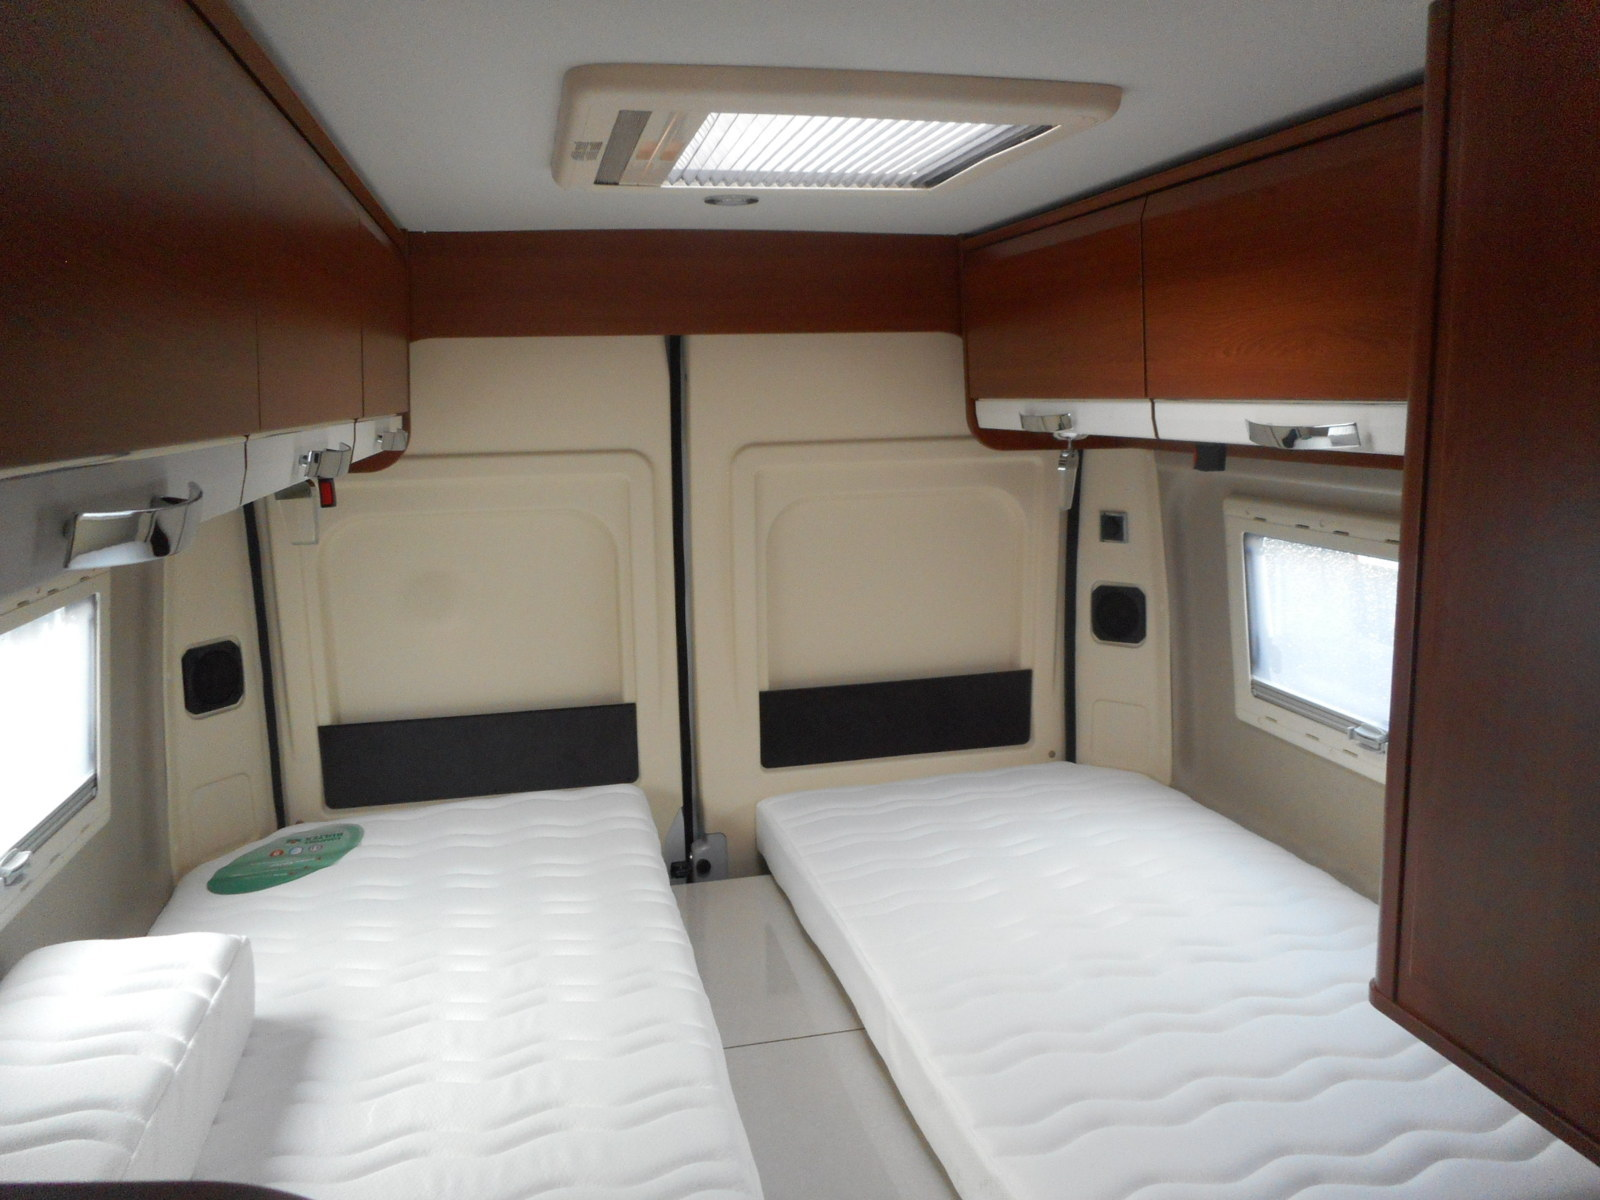 rapido van 68 neuf de 2018 fiat camping car en vente migne auxances vienne 86. Black Bedroom Furniture Sets. Home Design Ideas